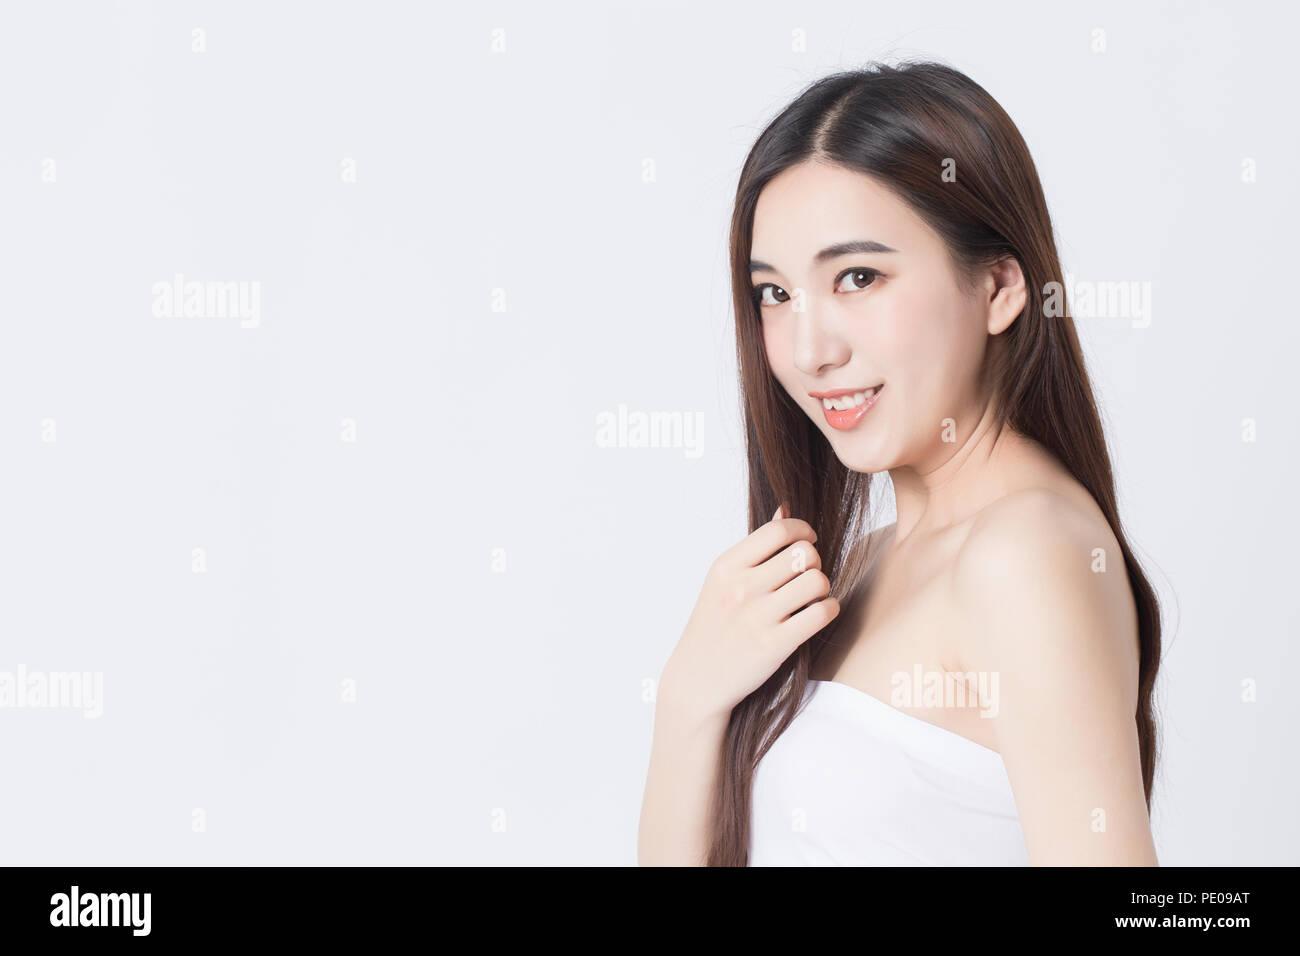 Portrait de beau modèle féminin sur fond blanc Photo Stock